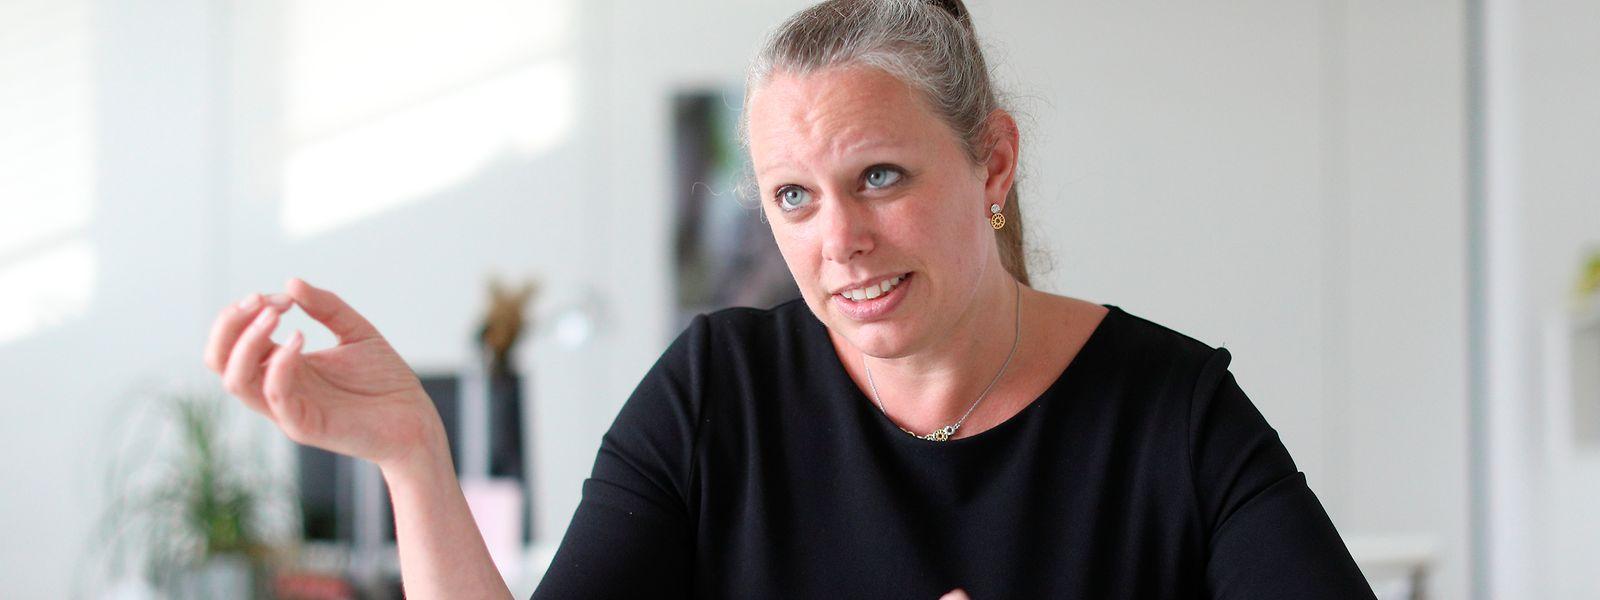 Carole Dieschbourg affirme que la mise en service d'une nouvelle usine de traitement en 2021 à Eschdorf garantira l'approvisionnement de la future usine Fage à Bettembourg sans engendrer de surcoût